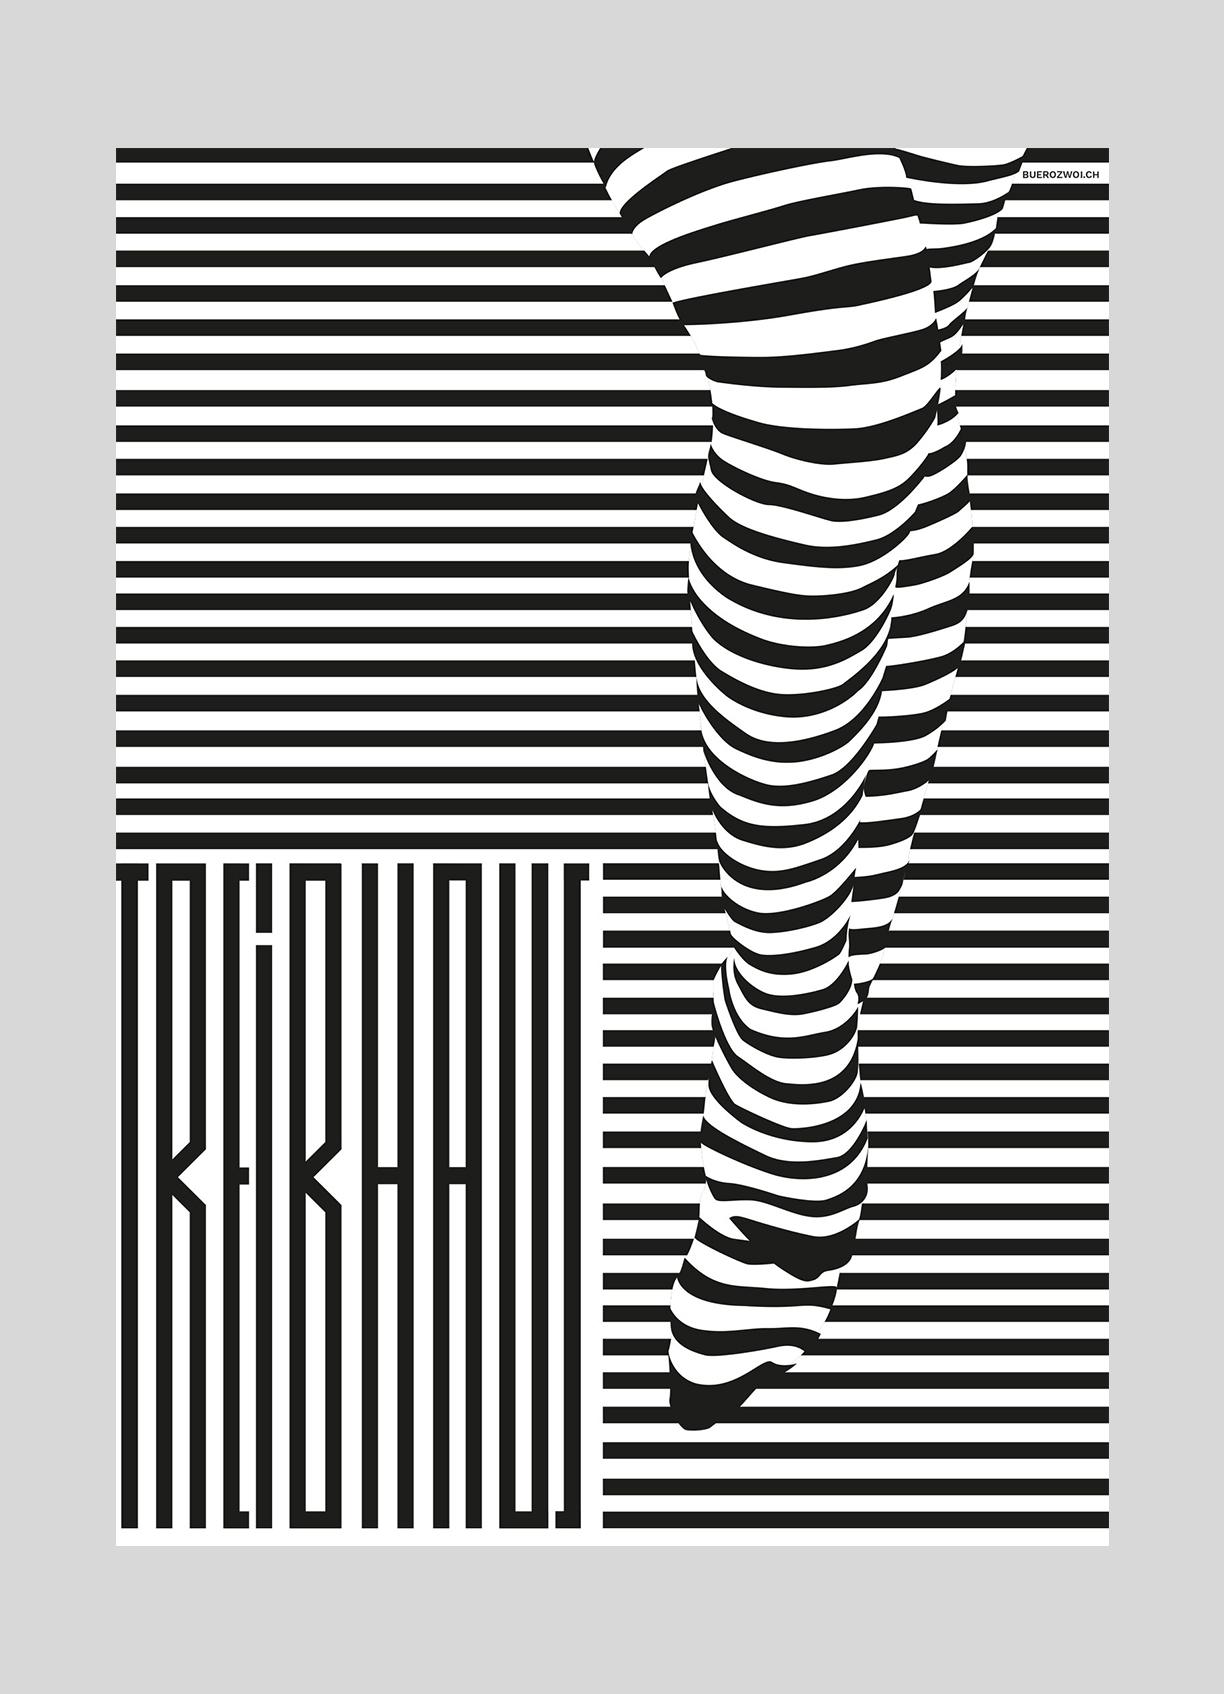 Treibhaus Luzern – Monatsplakat Juni   2016  Jugendhaus Luzern, Plakate jeweils von verschiedenen Grafikern gestaltet.